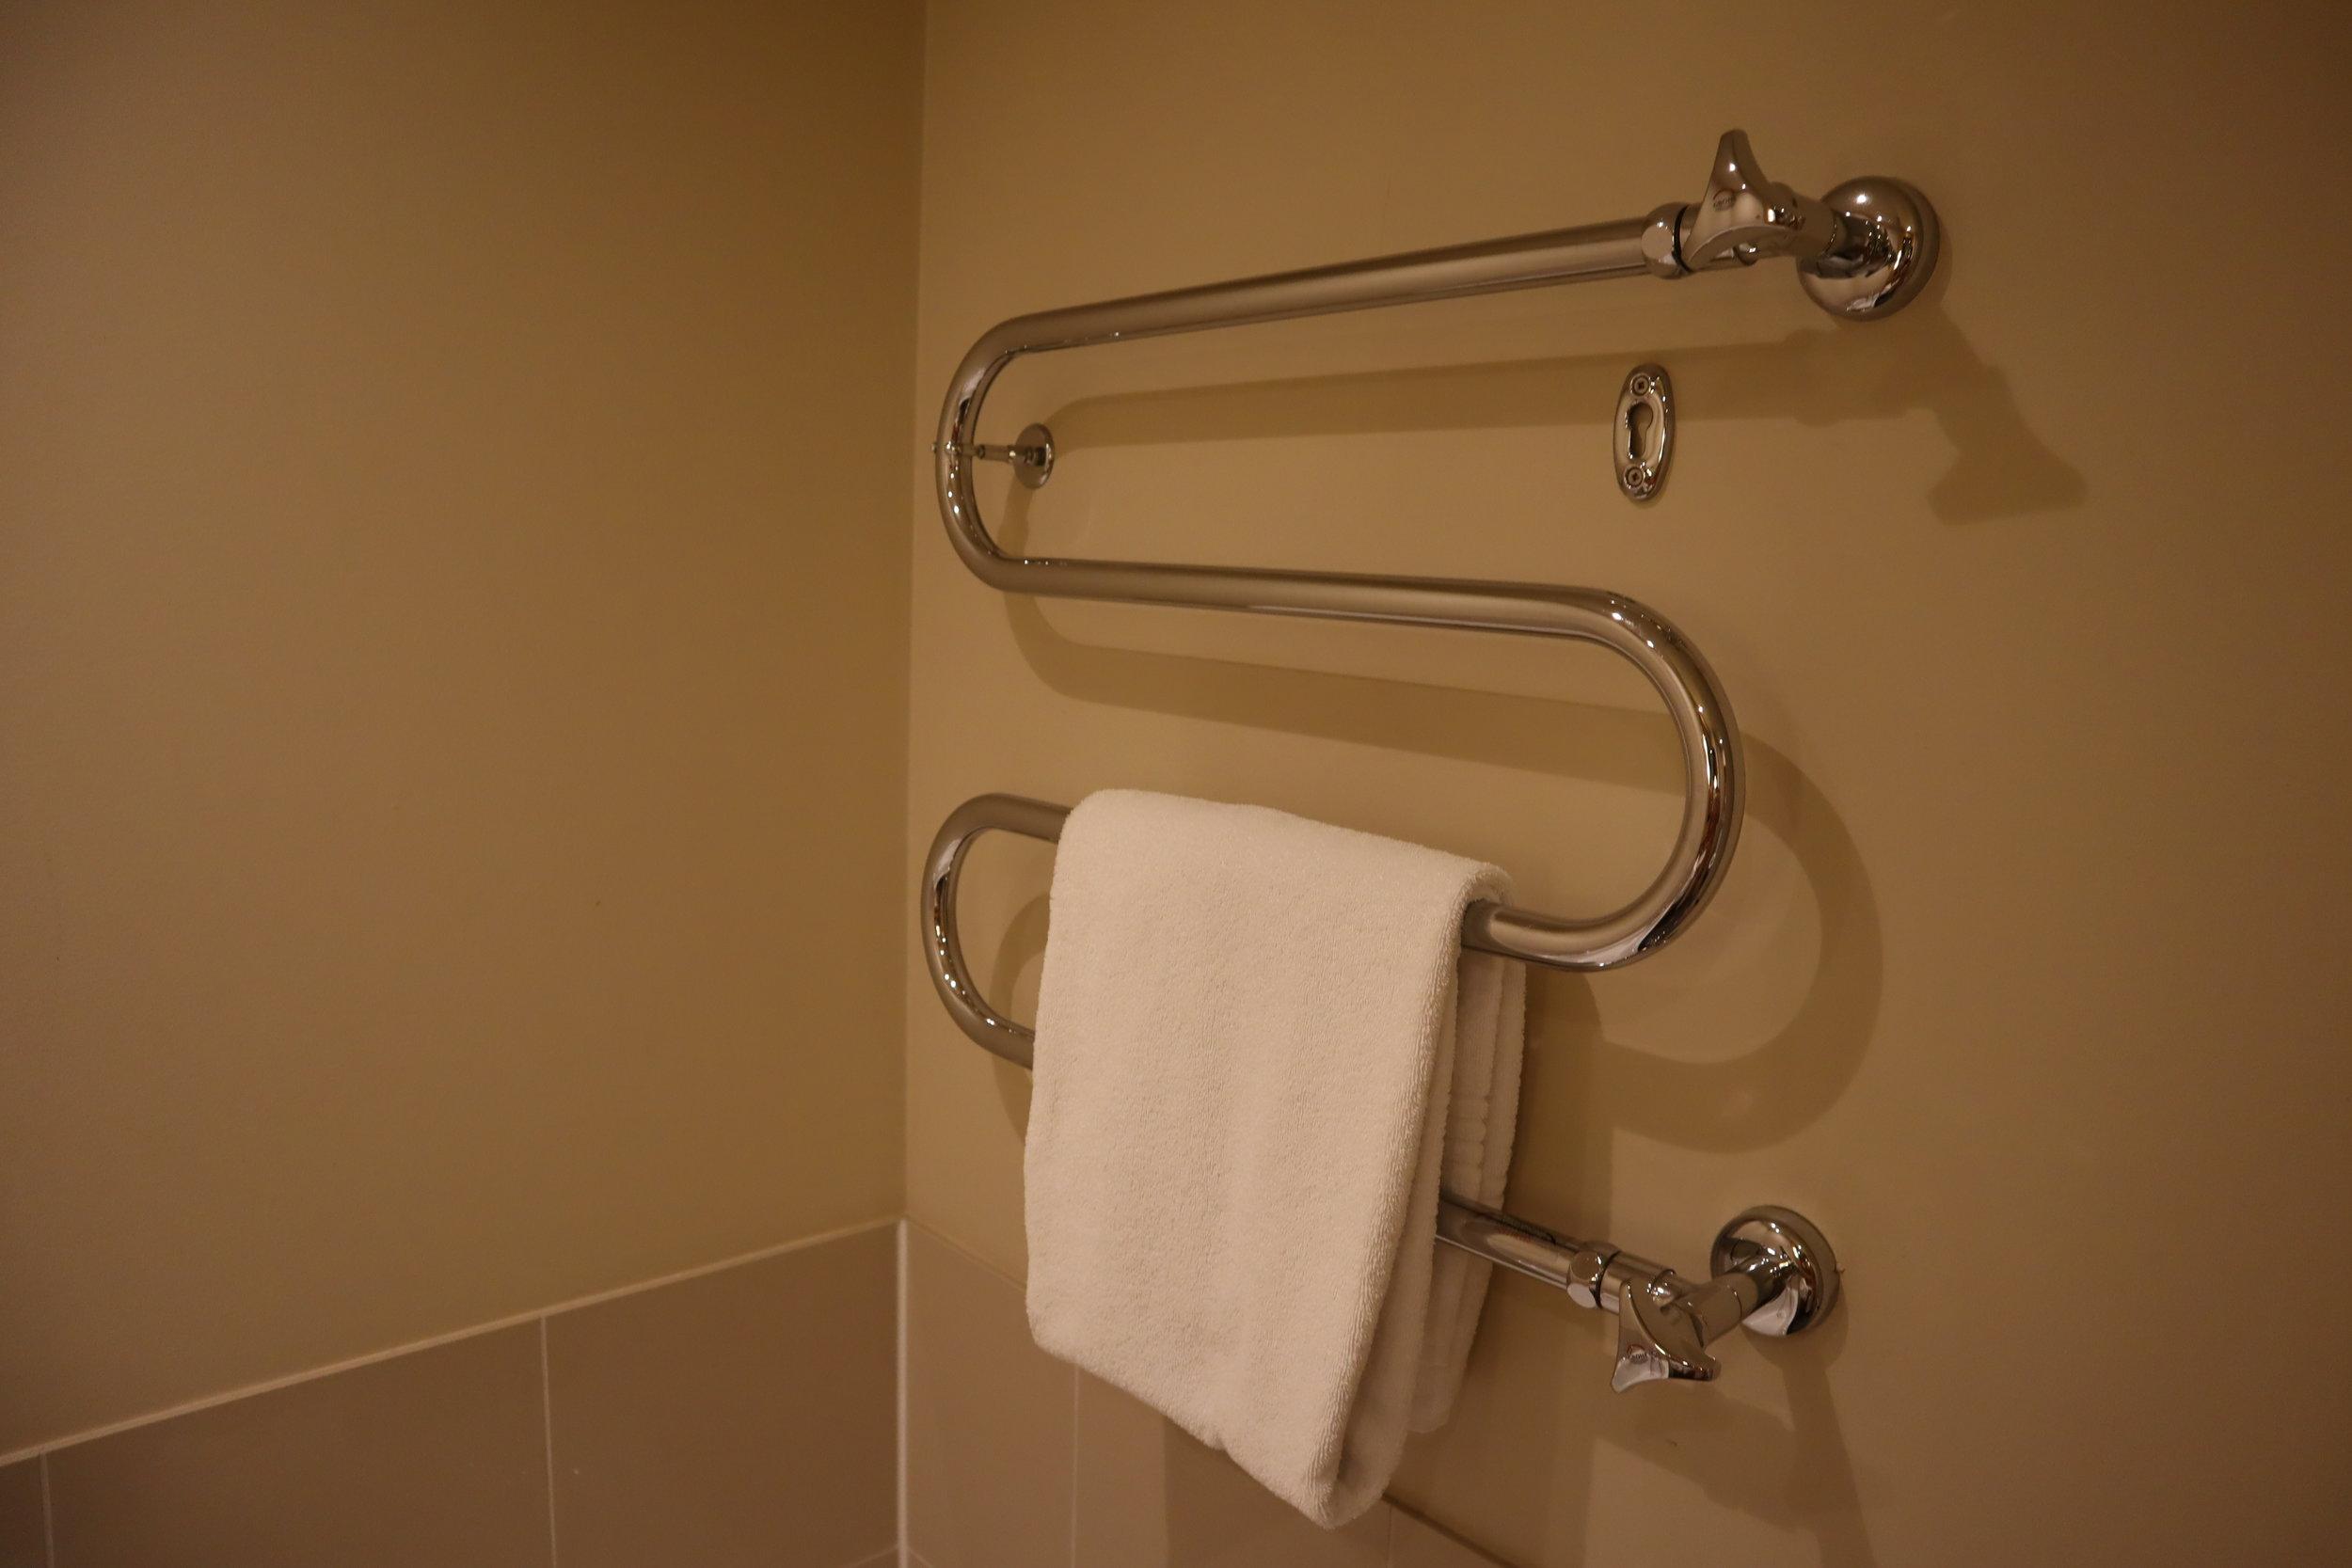 Le Méridien Munich – Heated towel rack